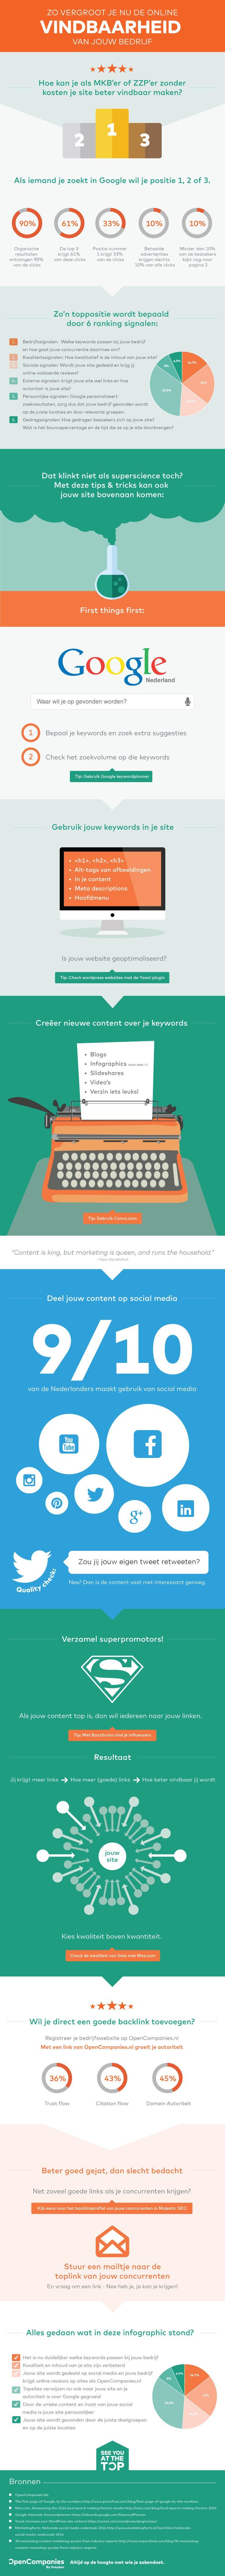 Roell maakte deze infographic nadat ze de training 'Communiceren met infographics' volgde (meer info hier: http://fw.nu/146h). Bekijk de hele infographic hier: http://fw.nu/16w6